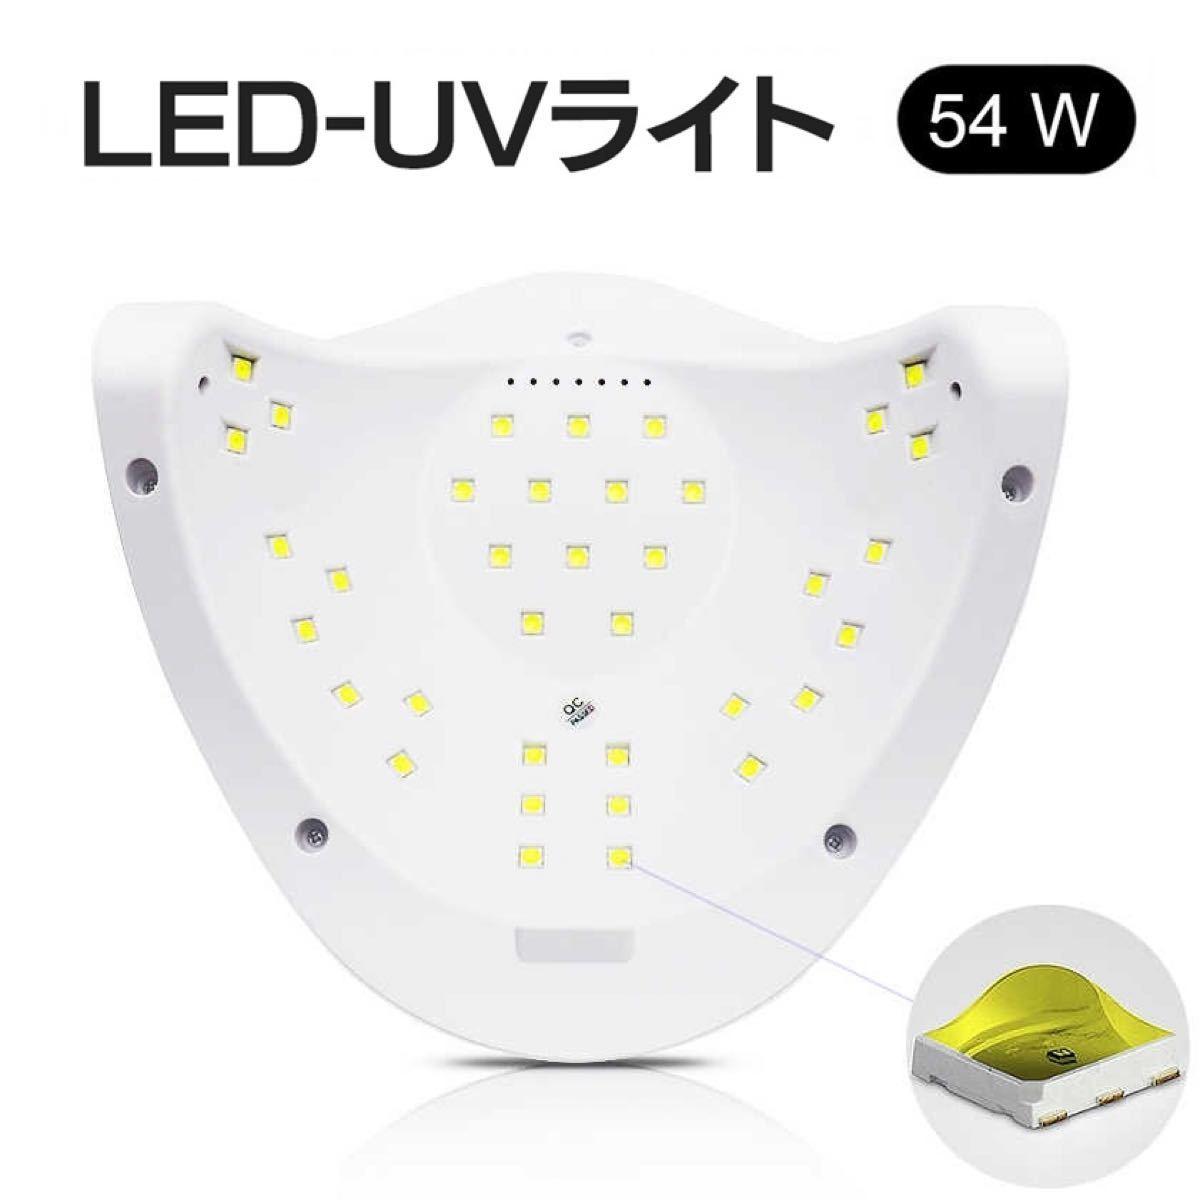 ハイパワー54W ネイルライト ジェルネイル レジン用 LED/UV/レジン